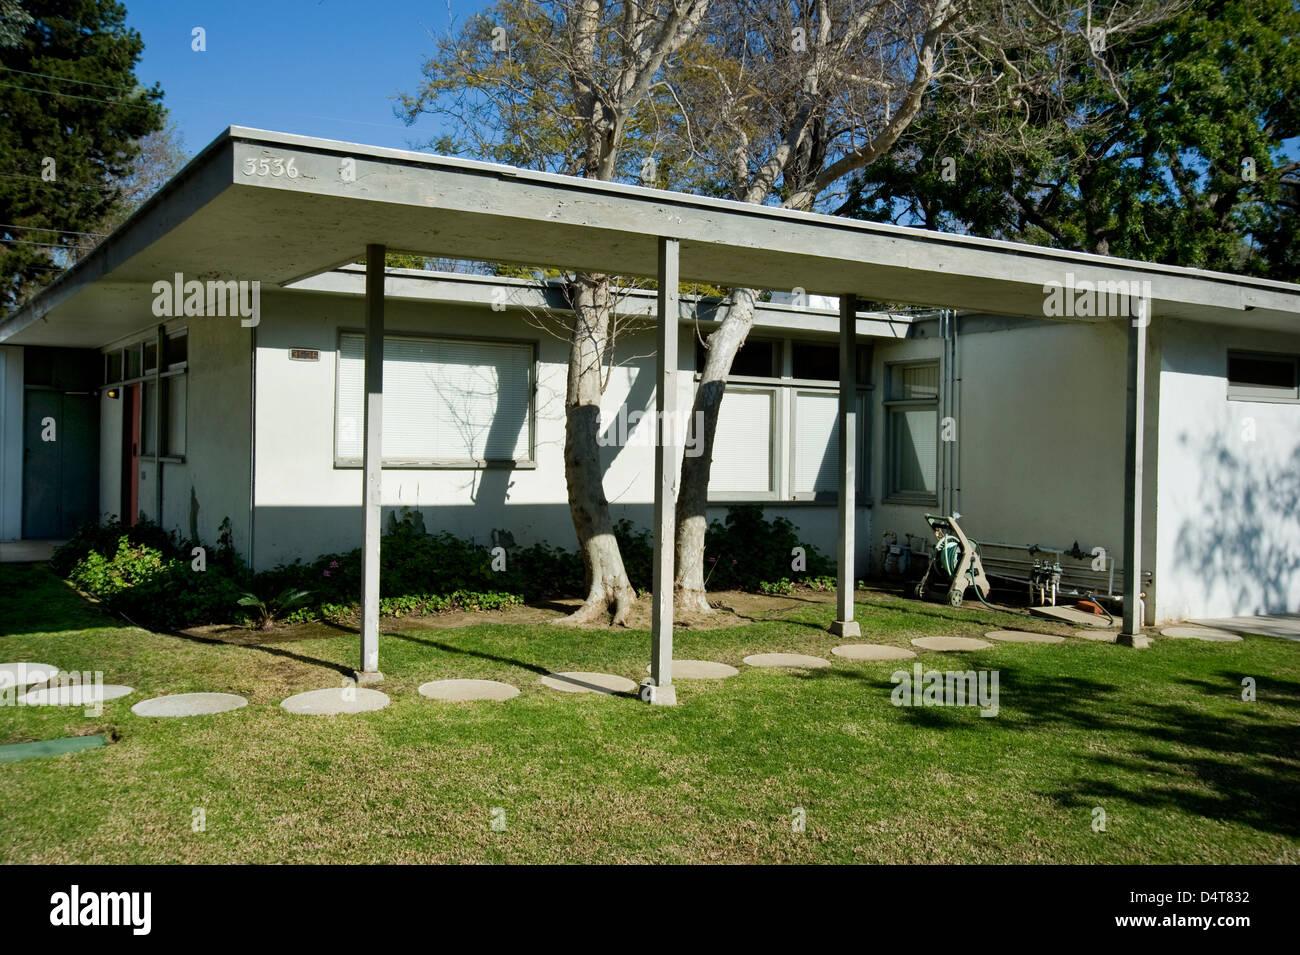 Maison de l'étude de cas des années 1960, le milieu du siècle, l'architecture moderne dans Photo Stock